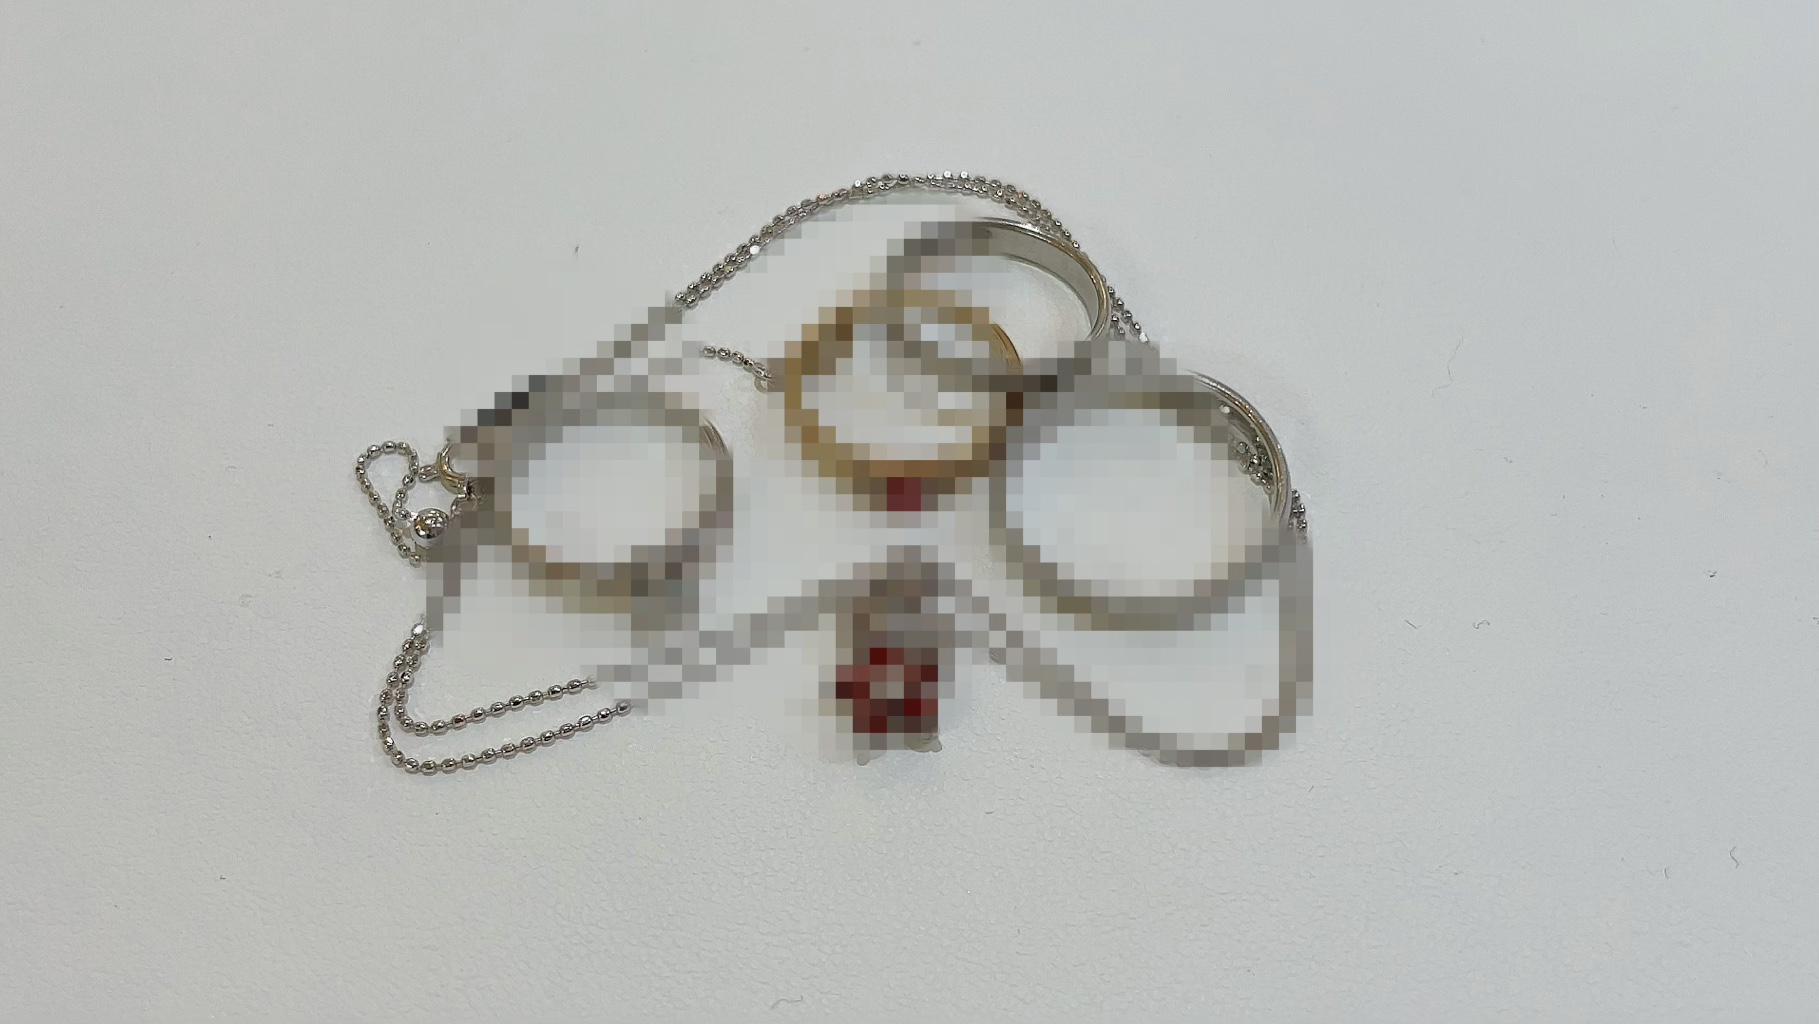 【買取速報】ガーネット、ダイヤモンド、ルビー、ペンダント、婚約指輪・エンゲージリング、指輪、-2021-05-08